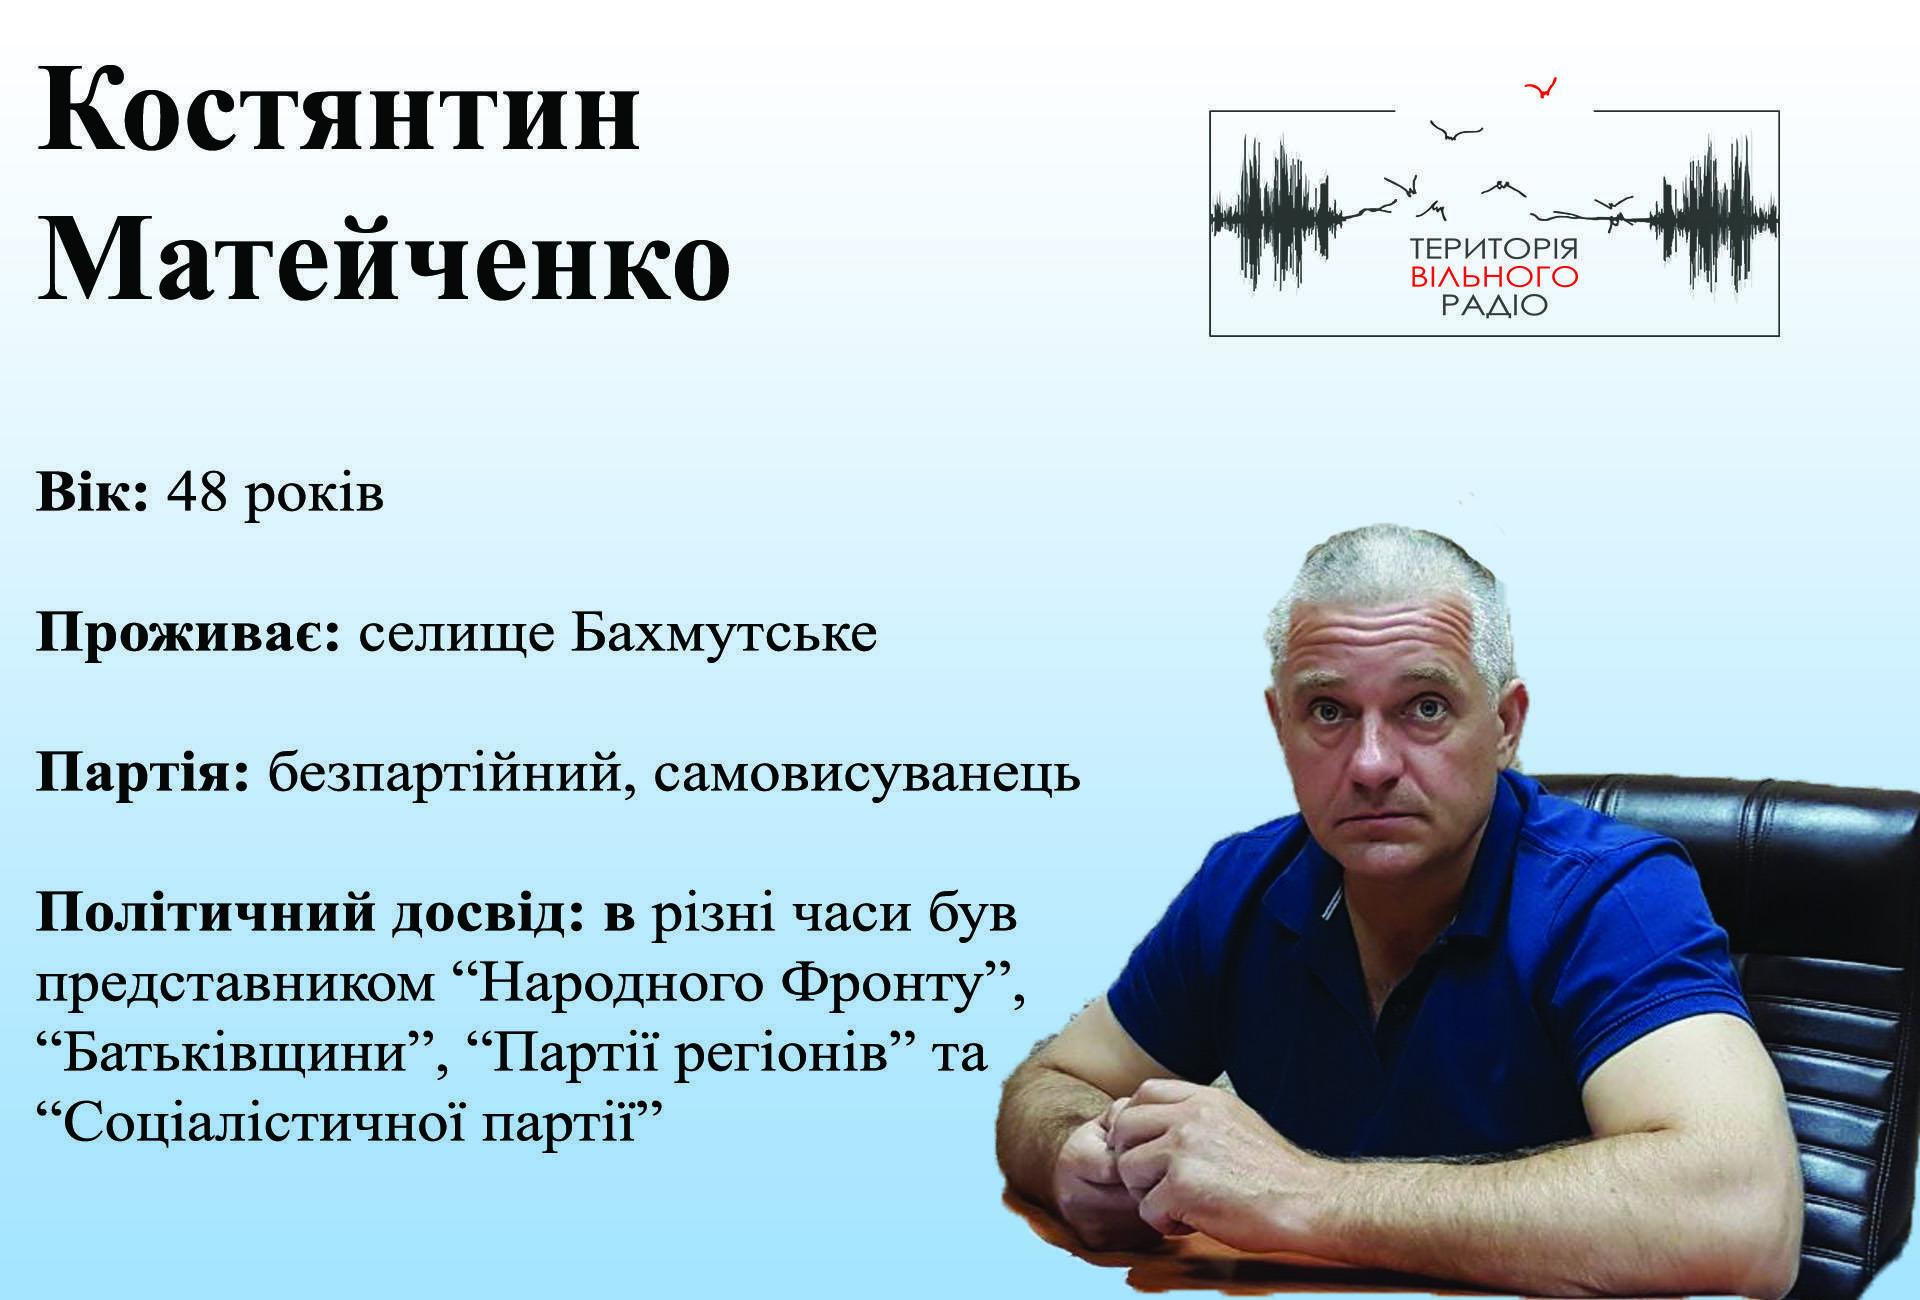 Костянтин Матейченко 46 виборчий округ